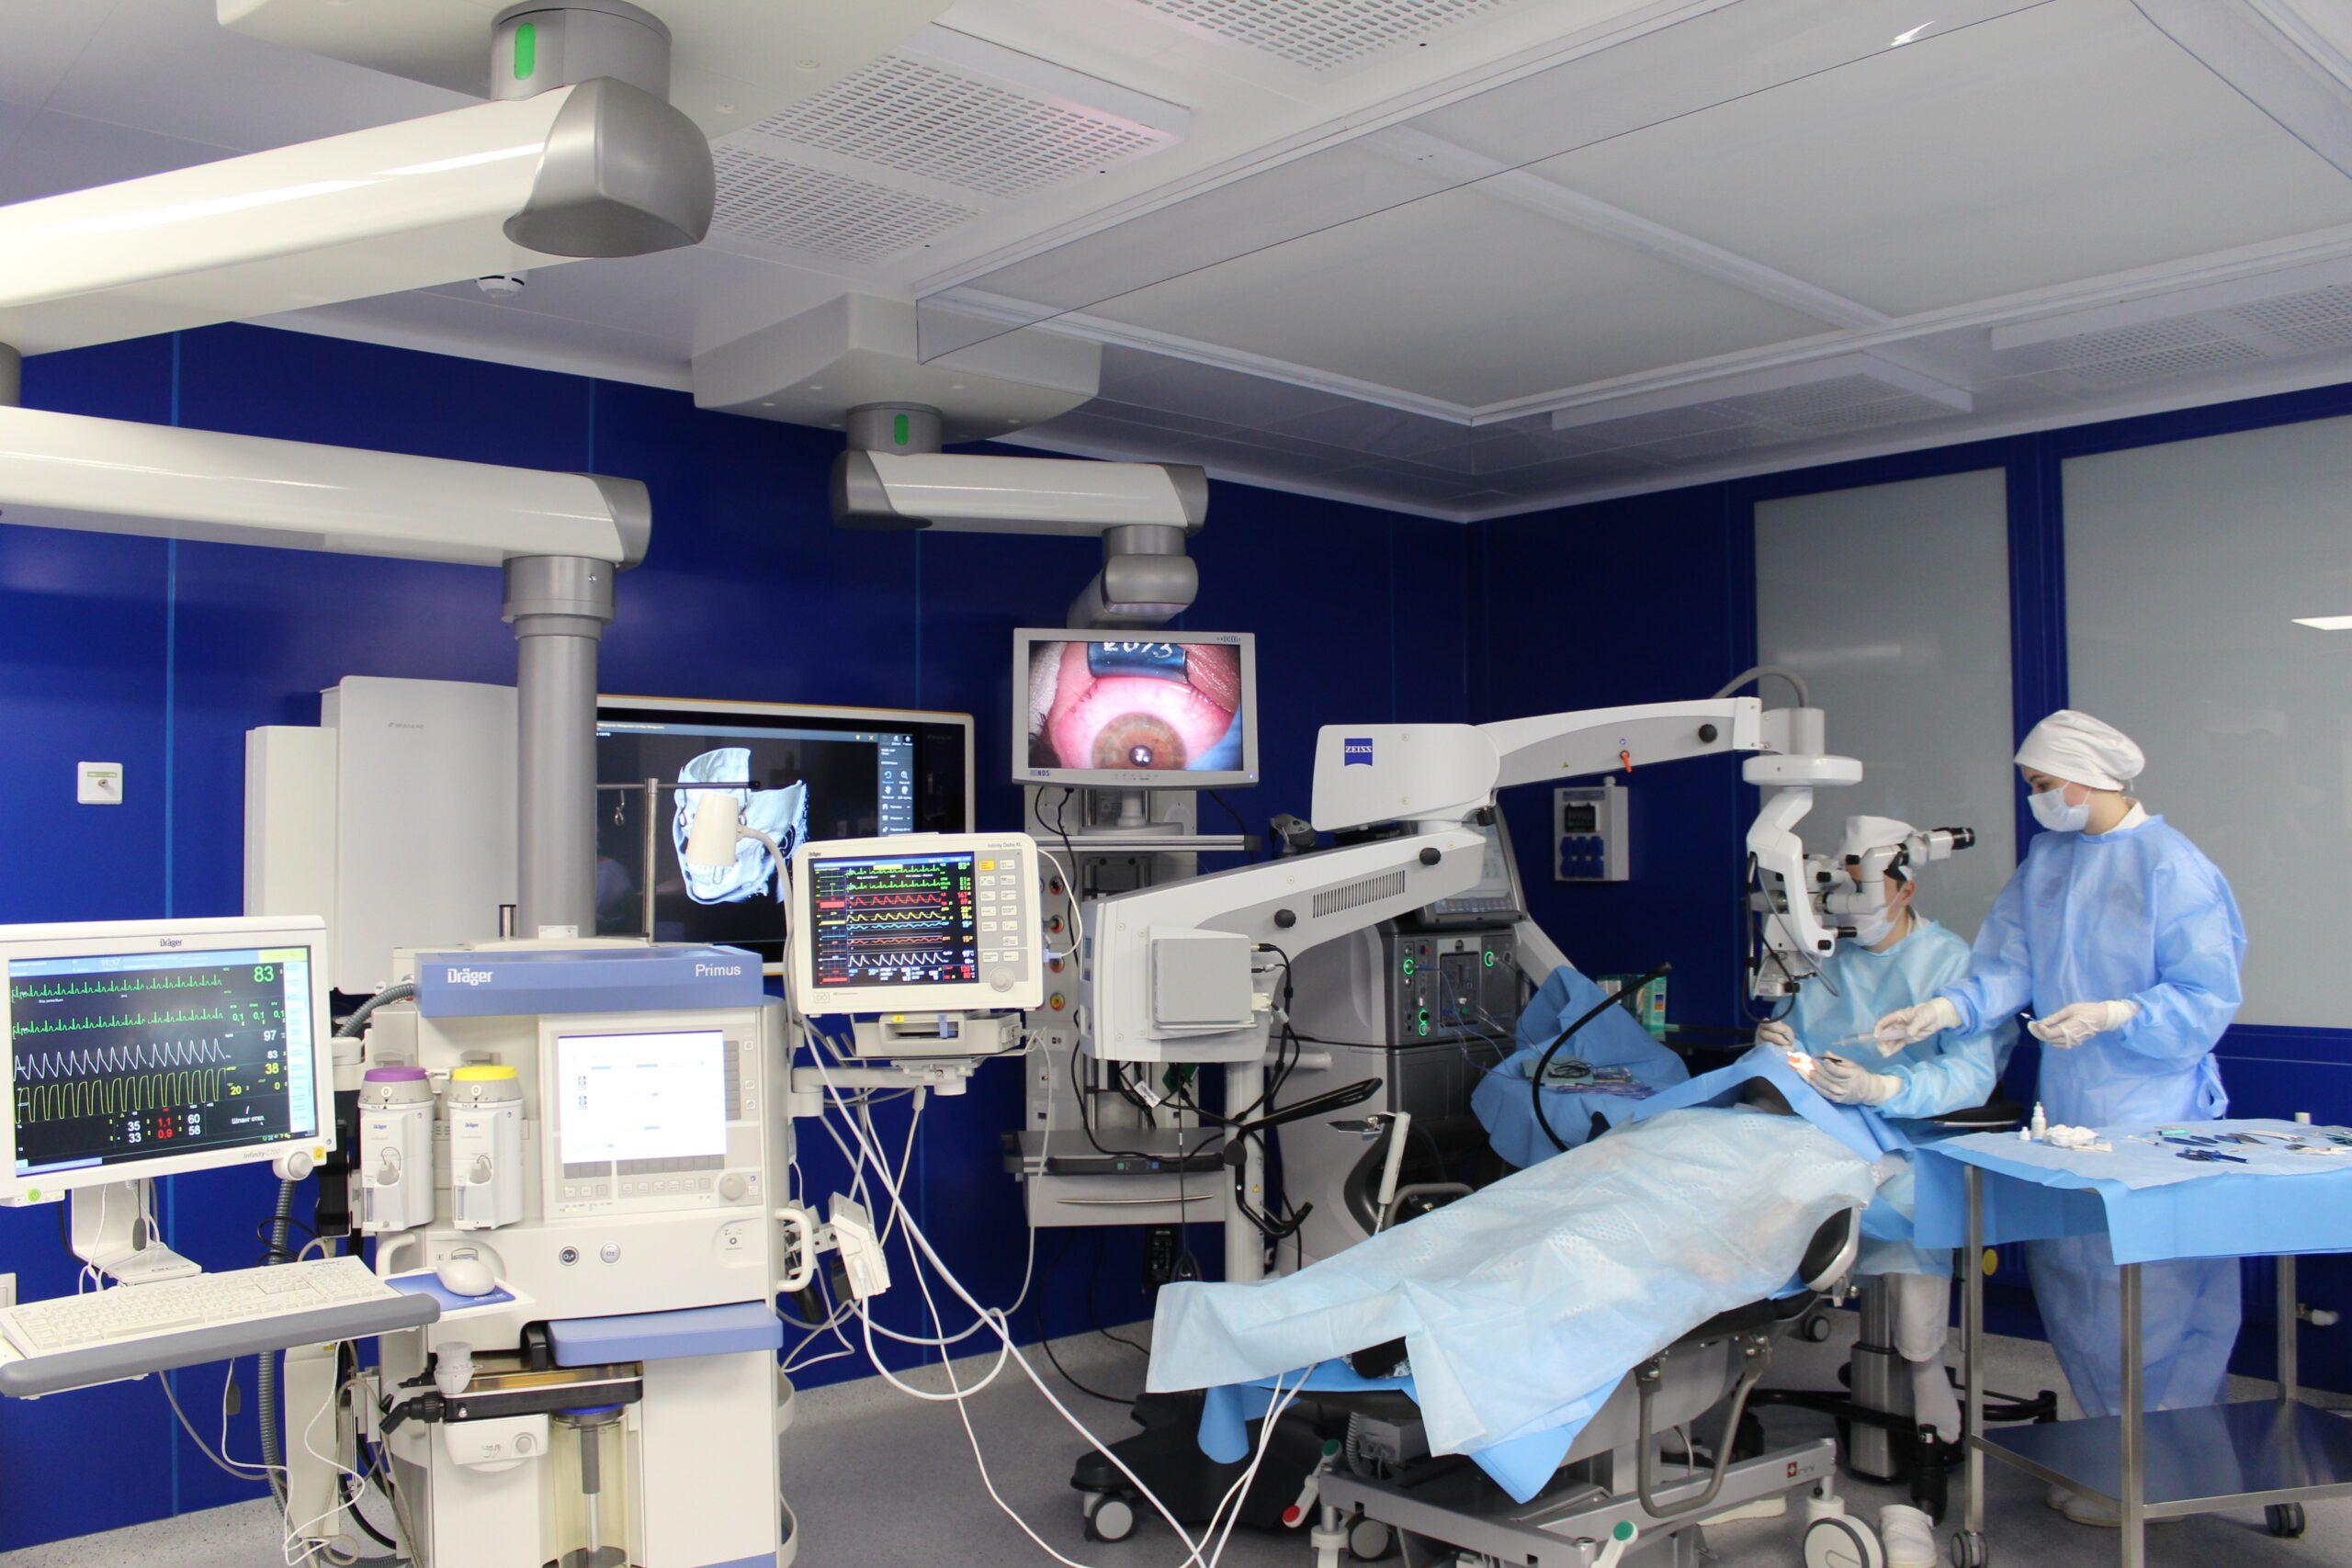 Врачи клиник отоларингологии и офтальмологии Военно-медицинской академии выполнили уникальную операцию по удалению инородного тела из области вершины глазницы пациента